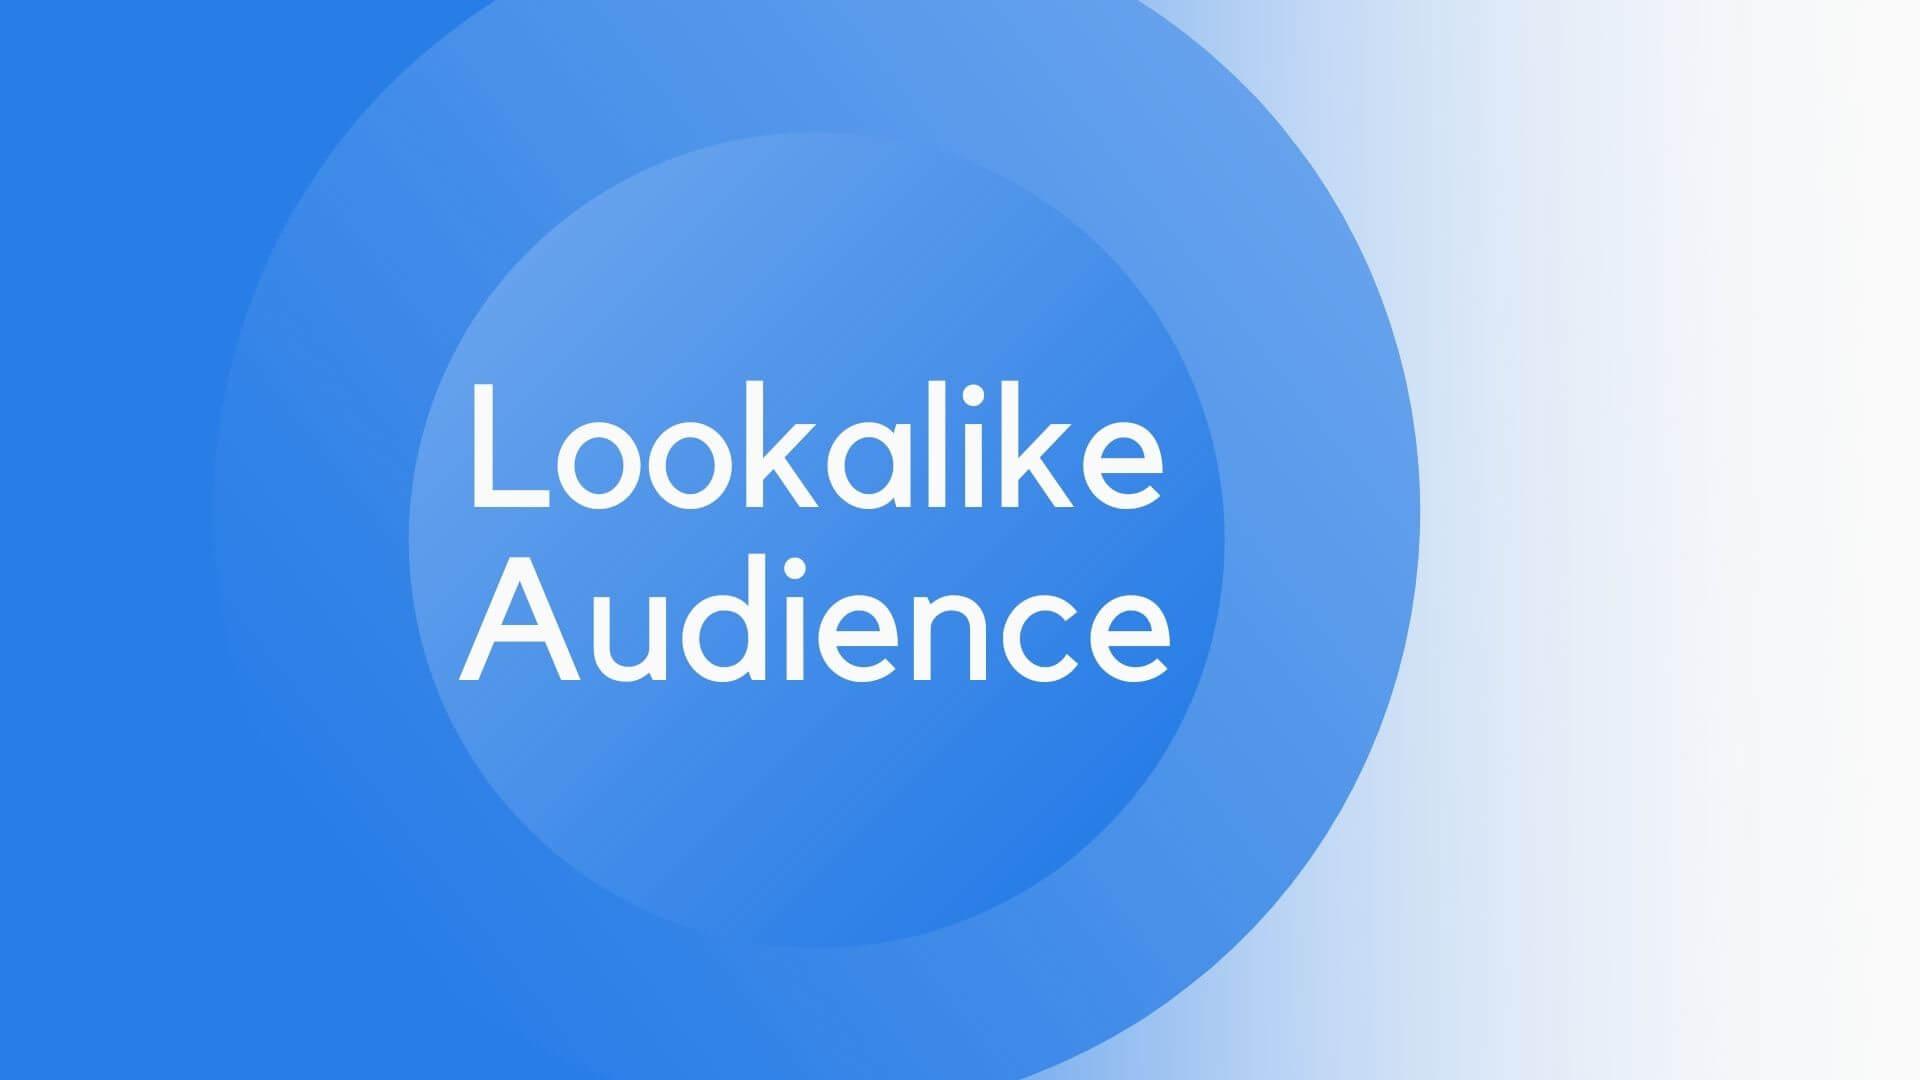 Lookalike Audience